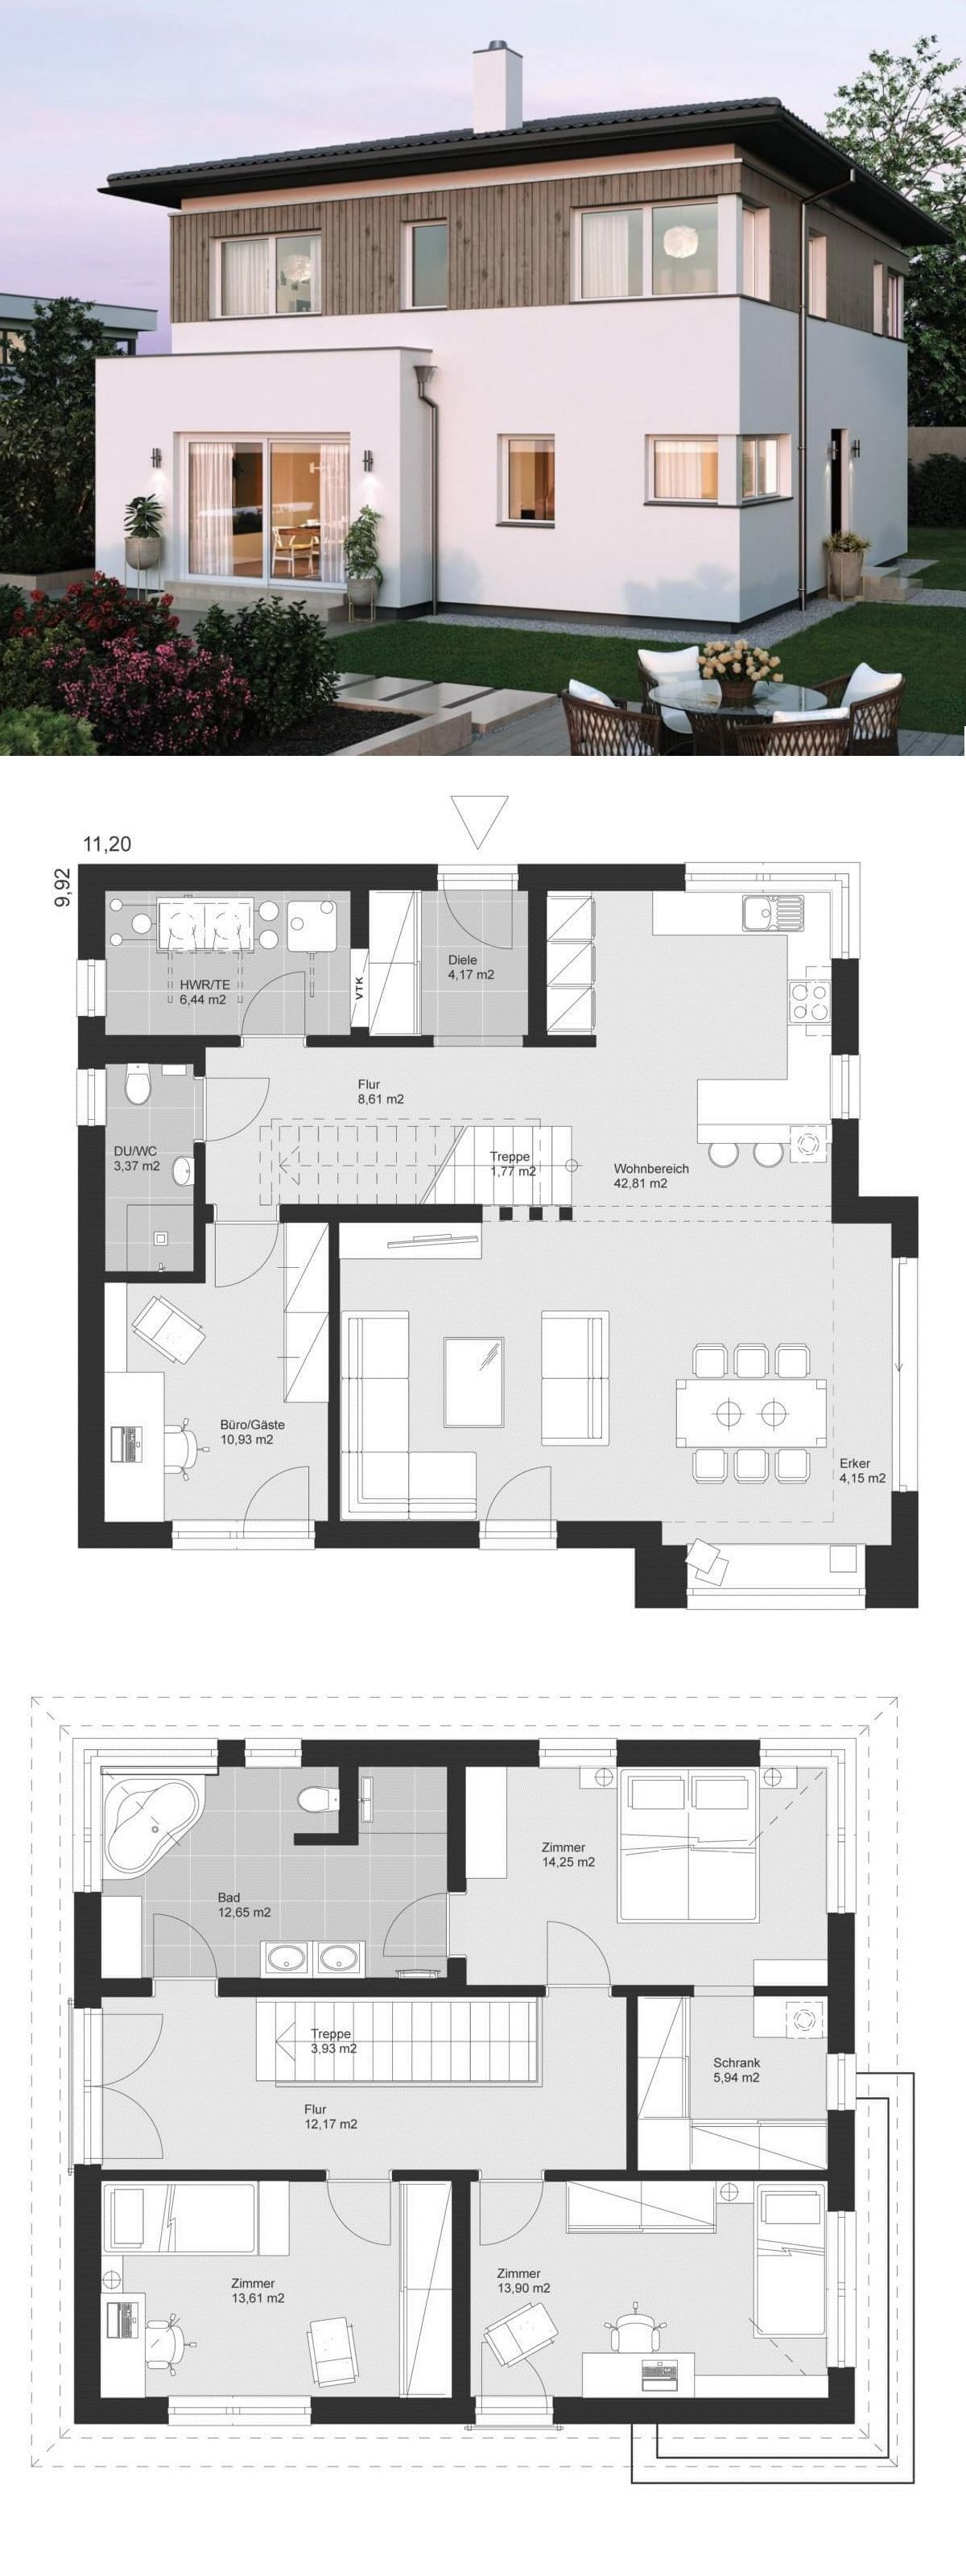 Moderne Stadtvilla ELK Haus 155 - ELK Fertighaus | HausbauDirekt #holzbauen